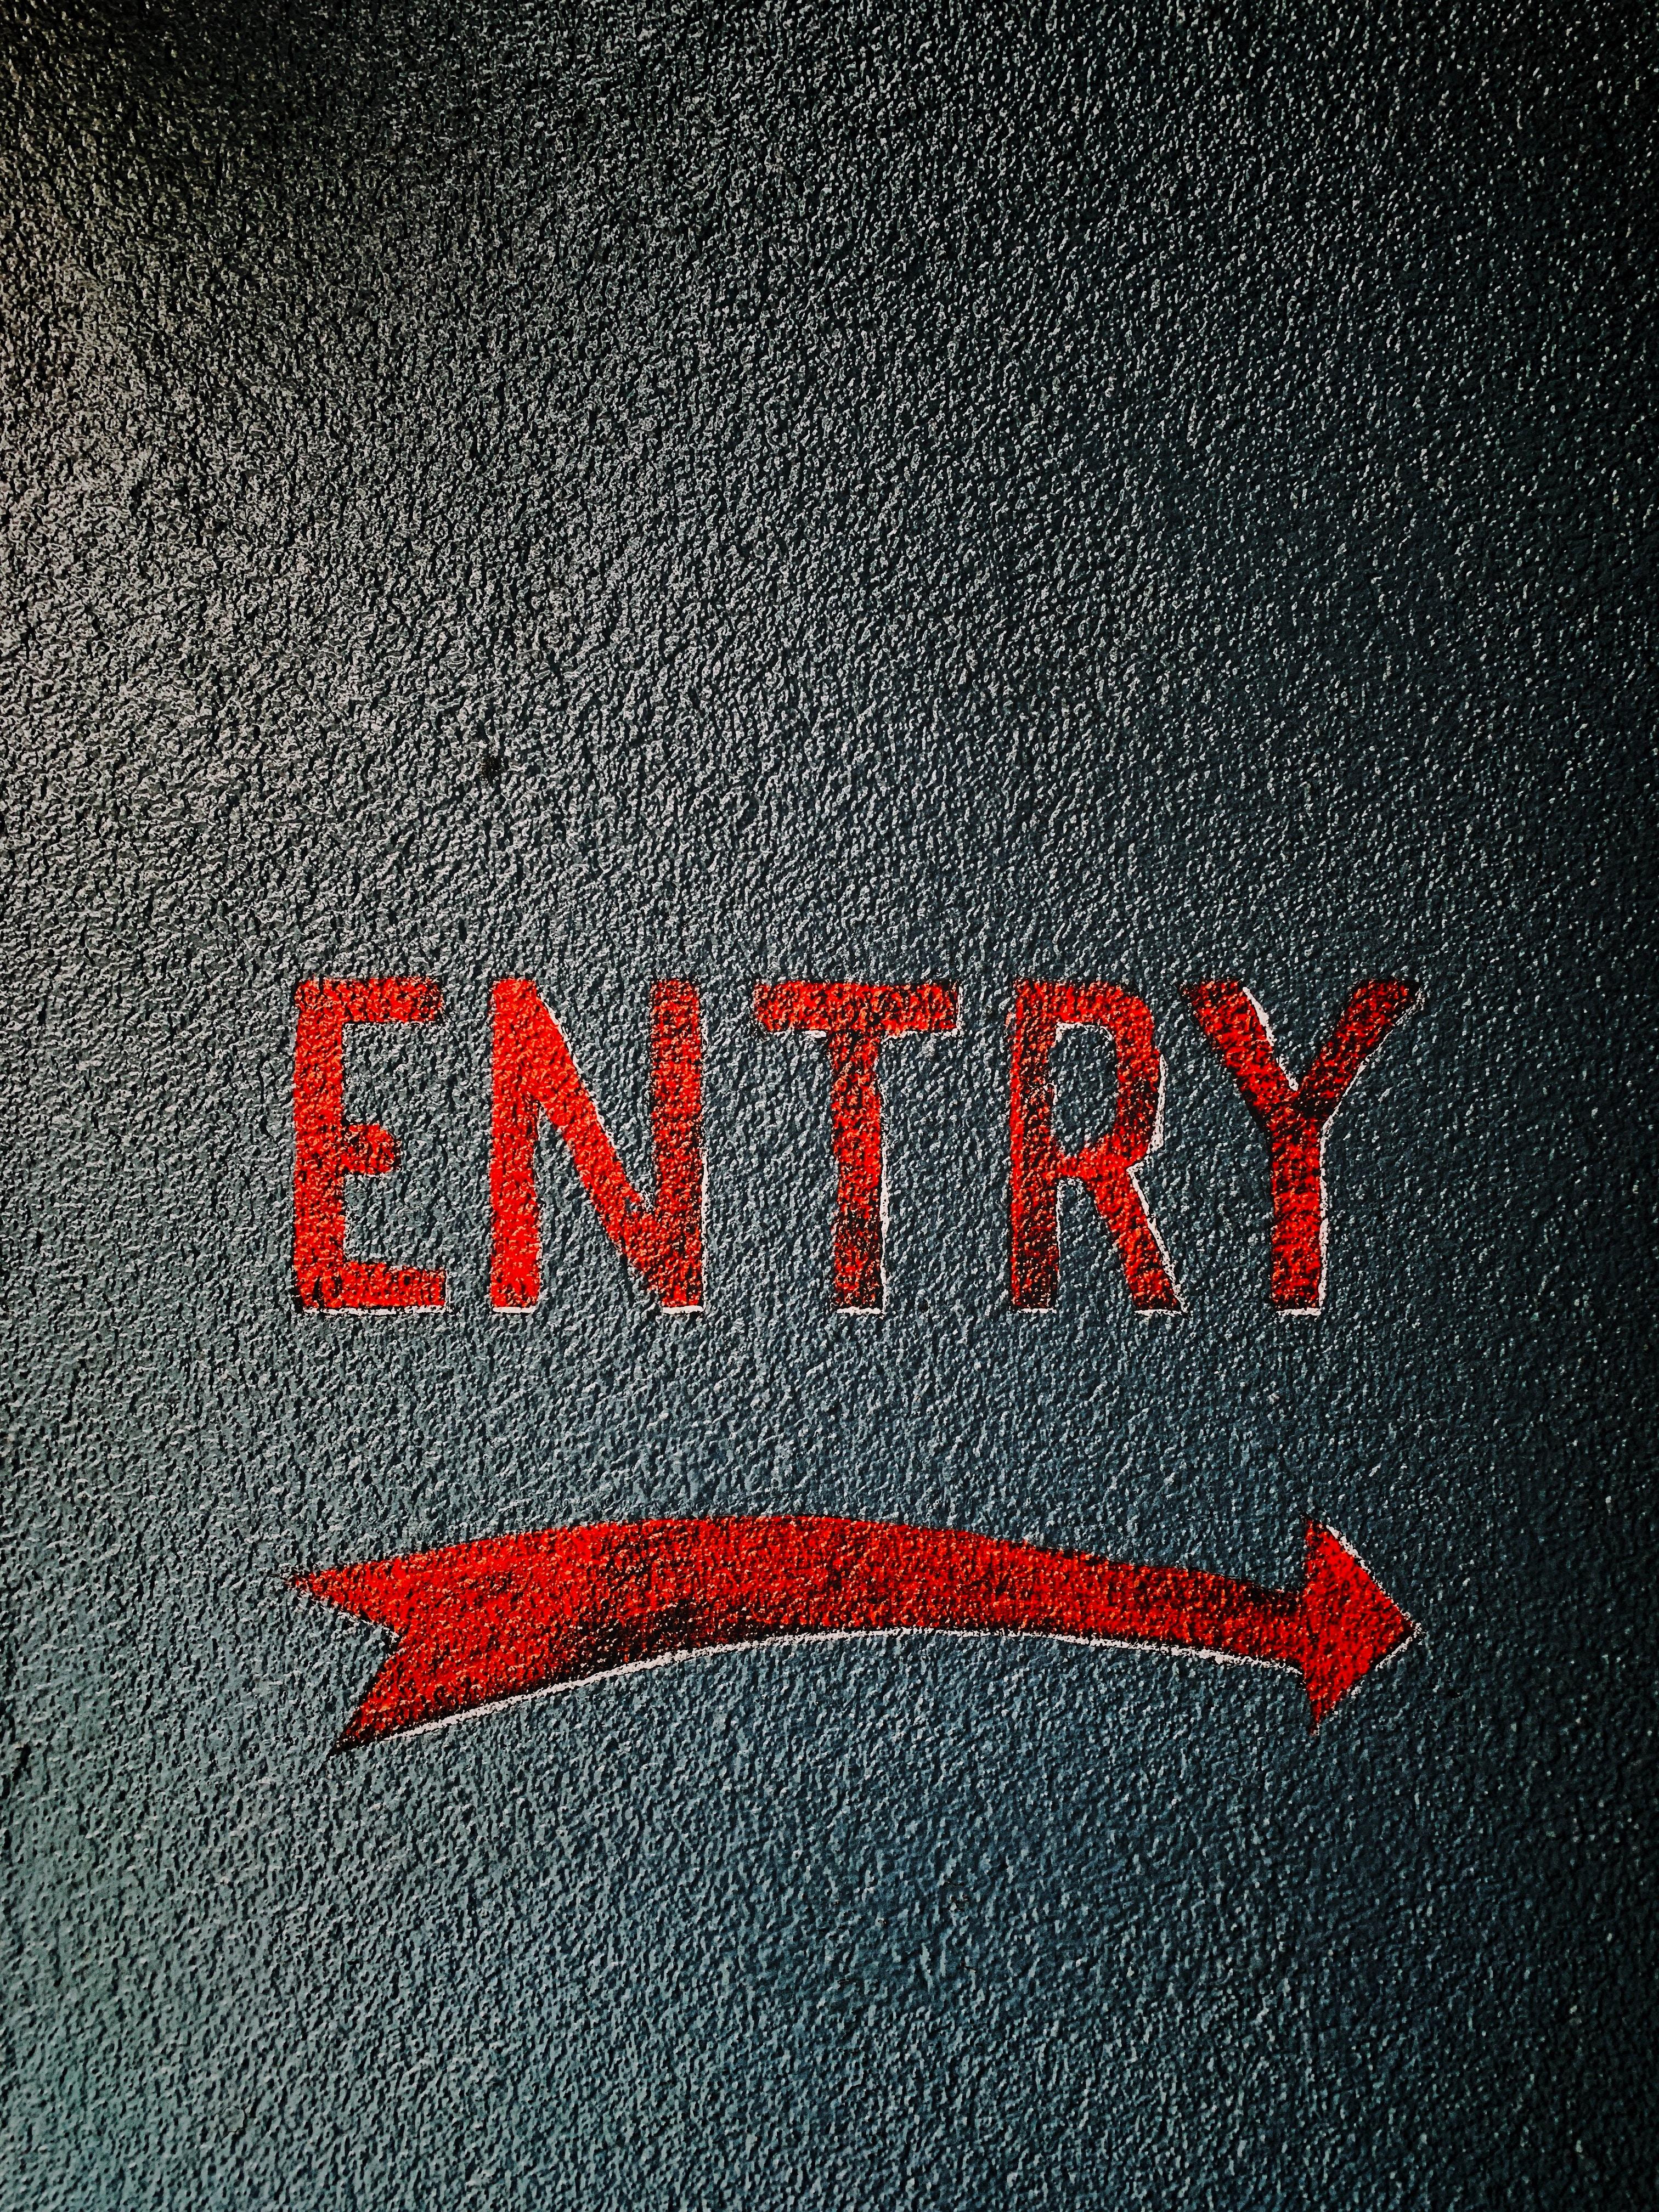 110492 Hintergrundbild herunterladen Pfeil, Die Wörter, Wörter, Asphalt, Inschrift, Eingang - Bildschirmschoner und Bilder kostenlos